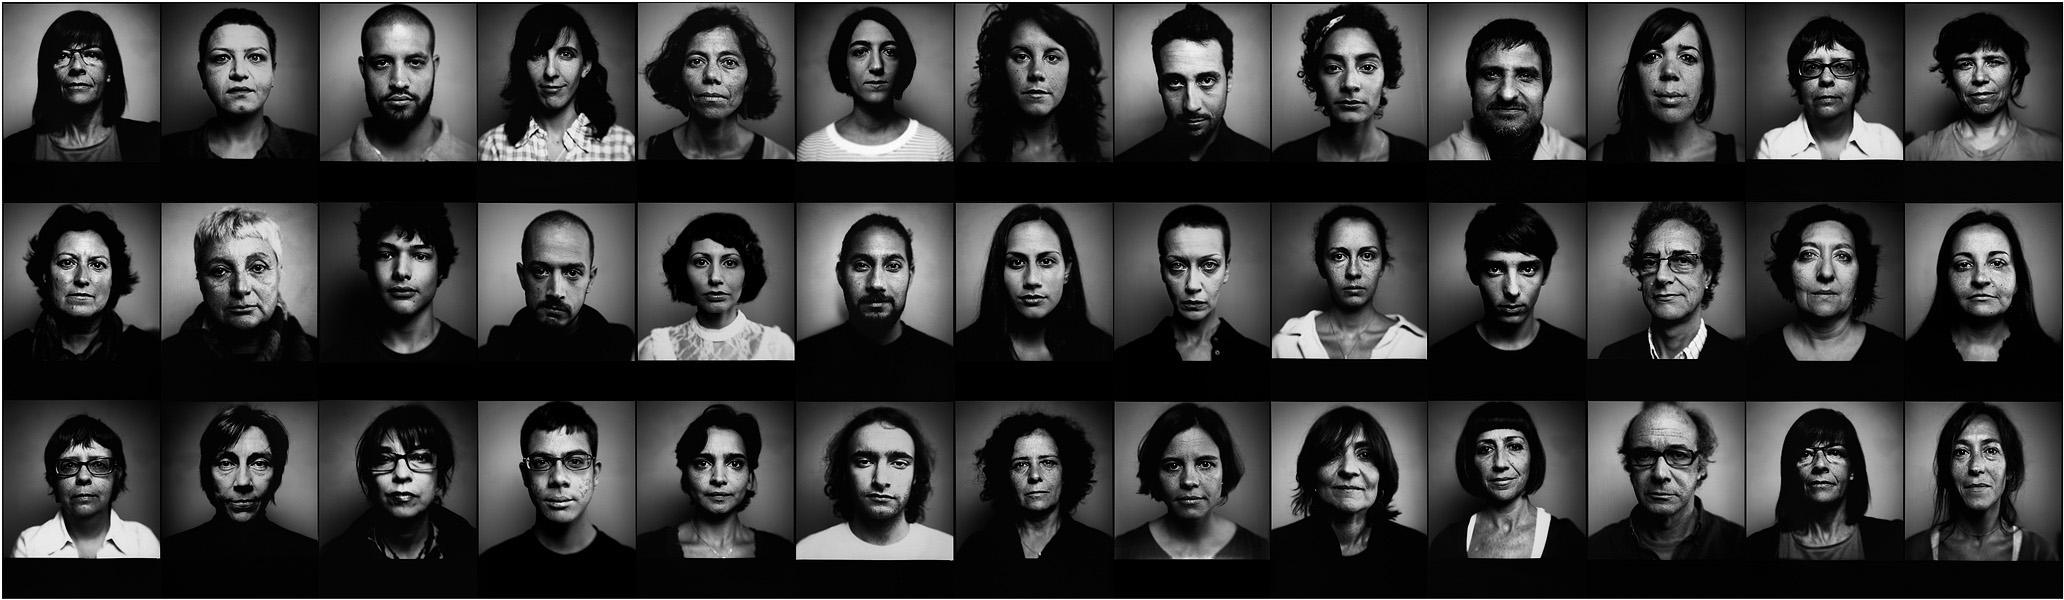 http://faustillucia.es./files/gimgs/45_retrats-web-2_v2.jpg